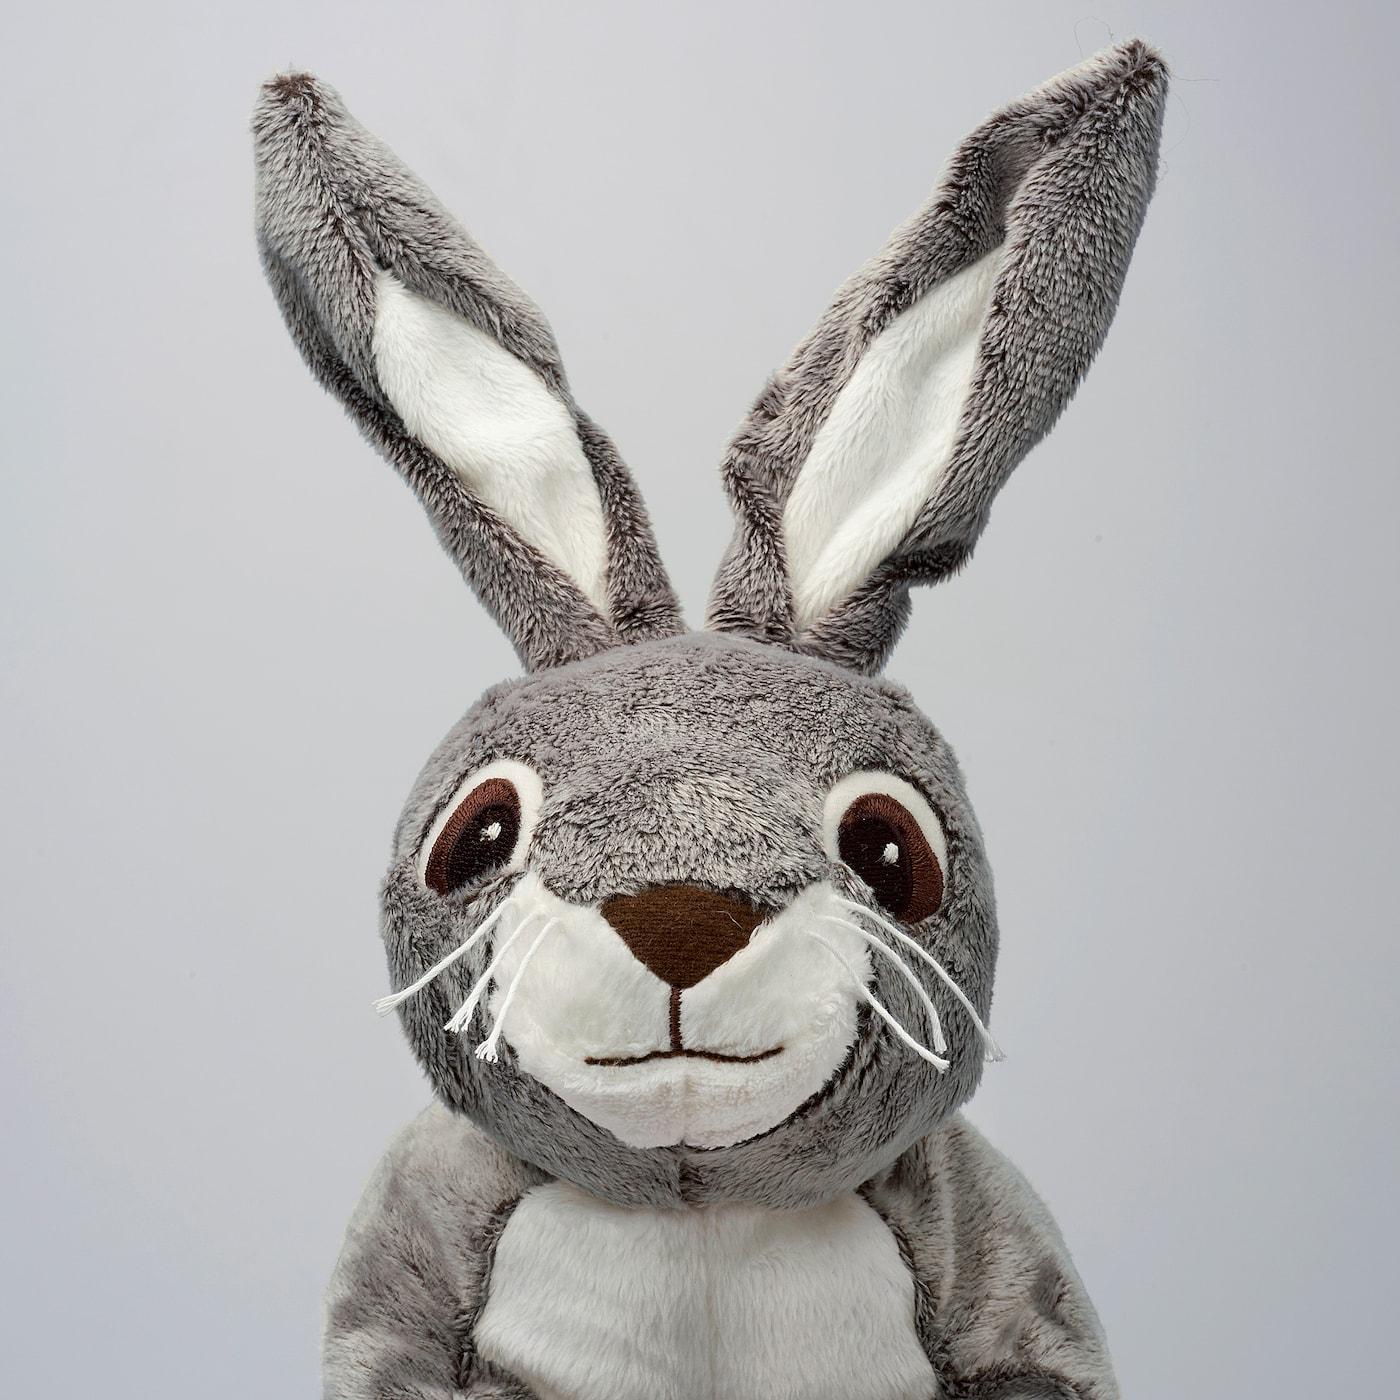 ВАНДРІНГ ХАРЕ іграшка м'яка 40 см